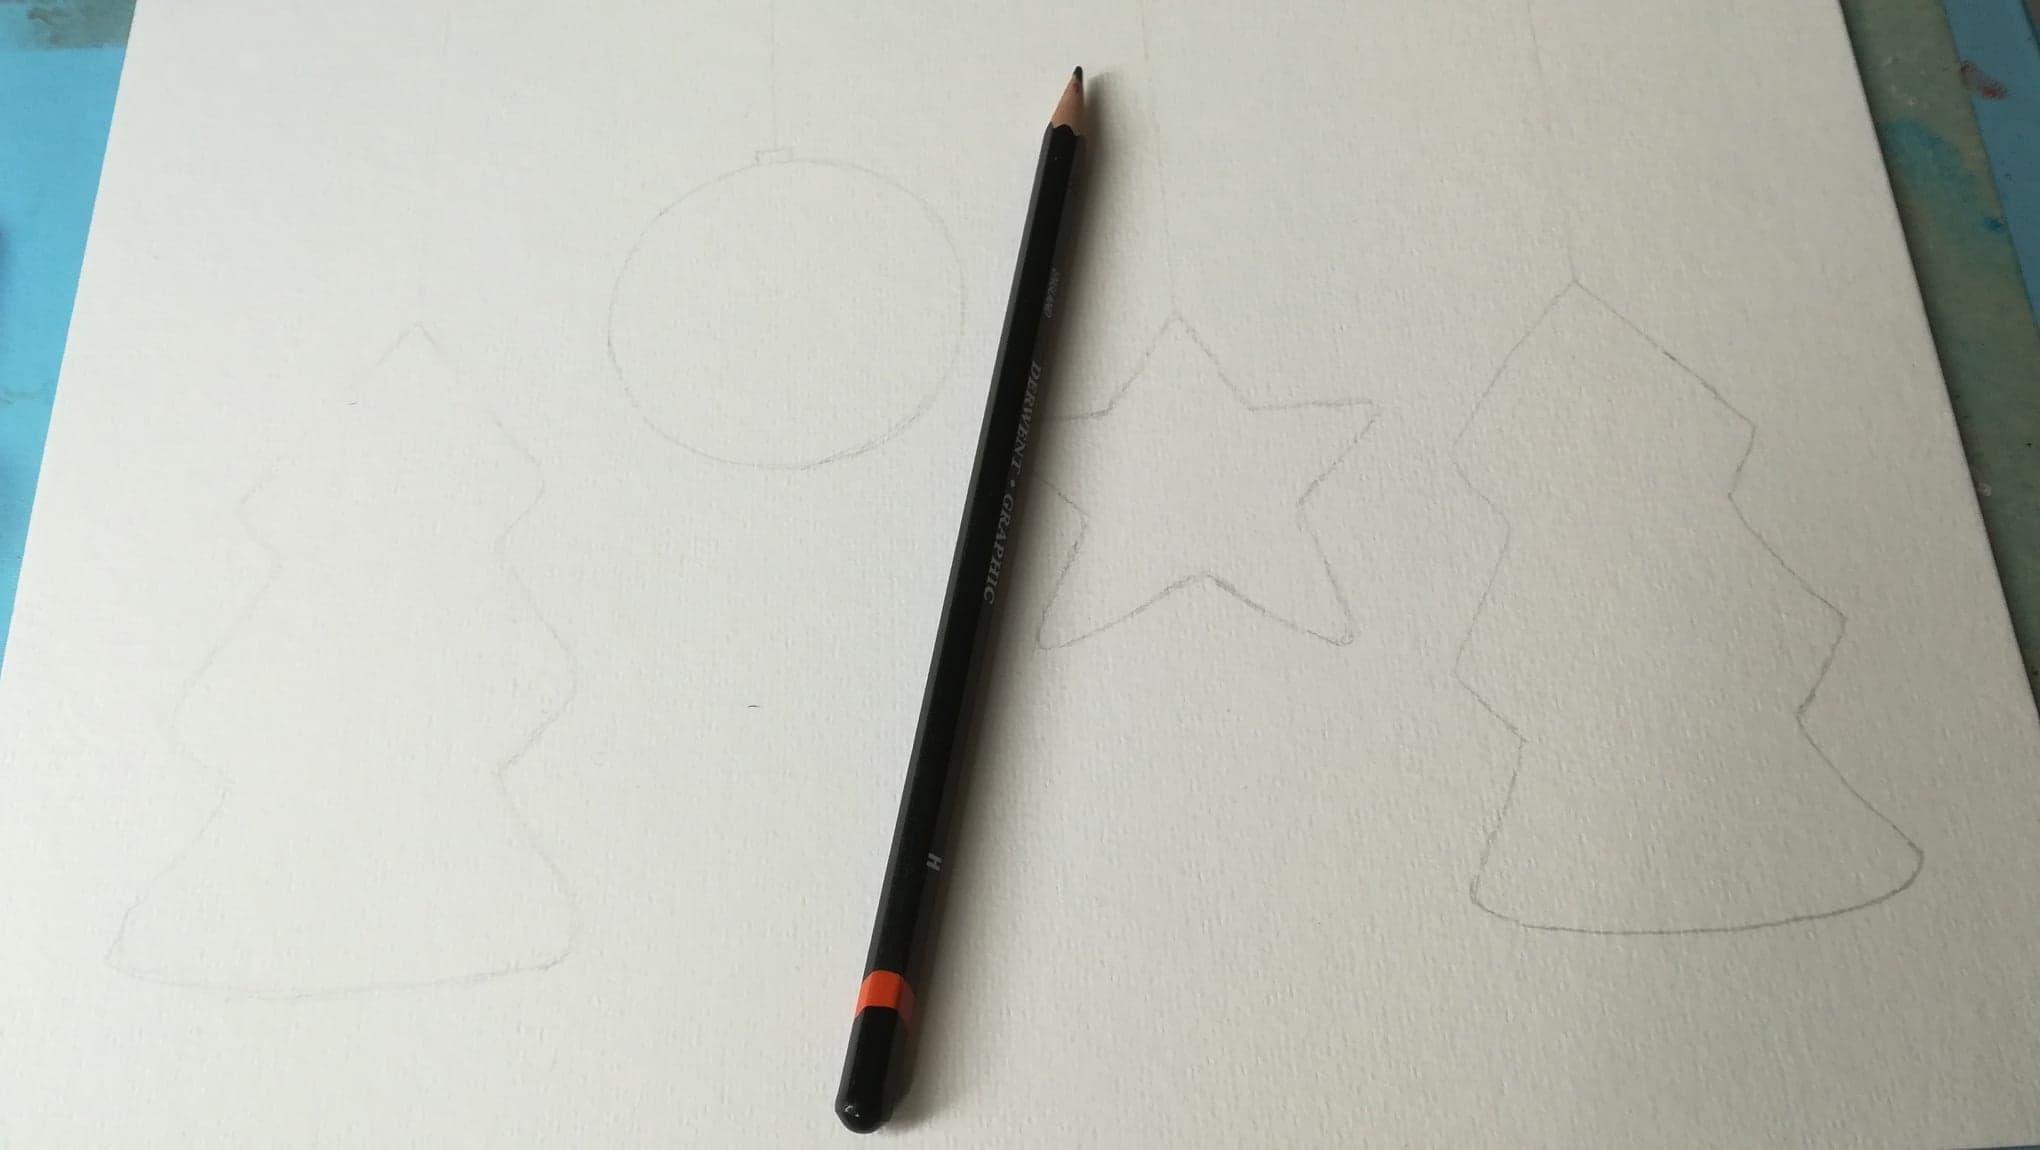 chrismas doodle art